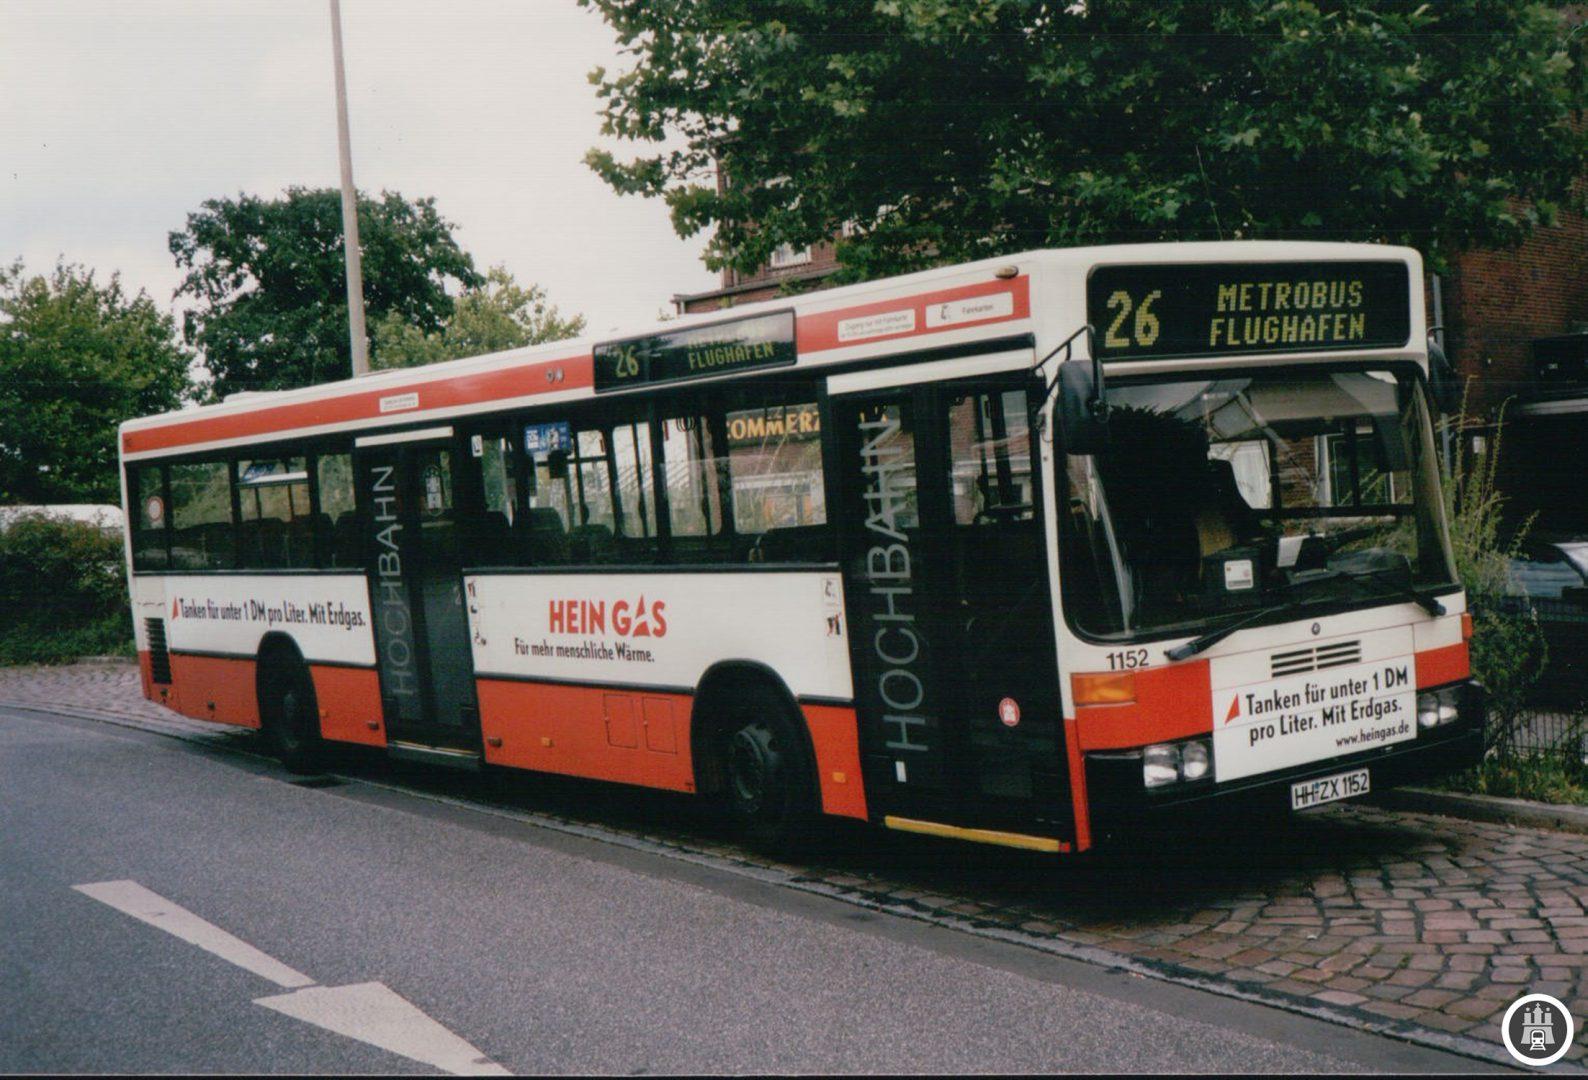 Wagen 1152 mit Heingas-Werbung (später e-on-Hanse) am Bahnhof Rahlstedt. Der Wagen wurde im Jahr 2005 ausgemustert, die Strecke zum Flughafen wurde immerhin noch bis Ende 2014 betrieben. - Foto: Jens Ode